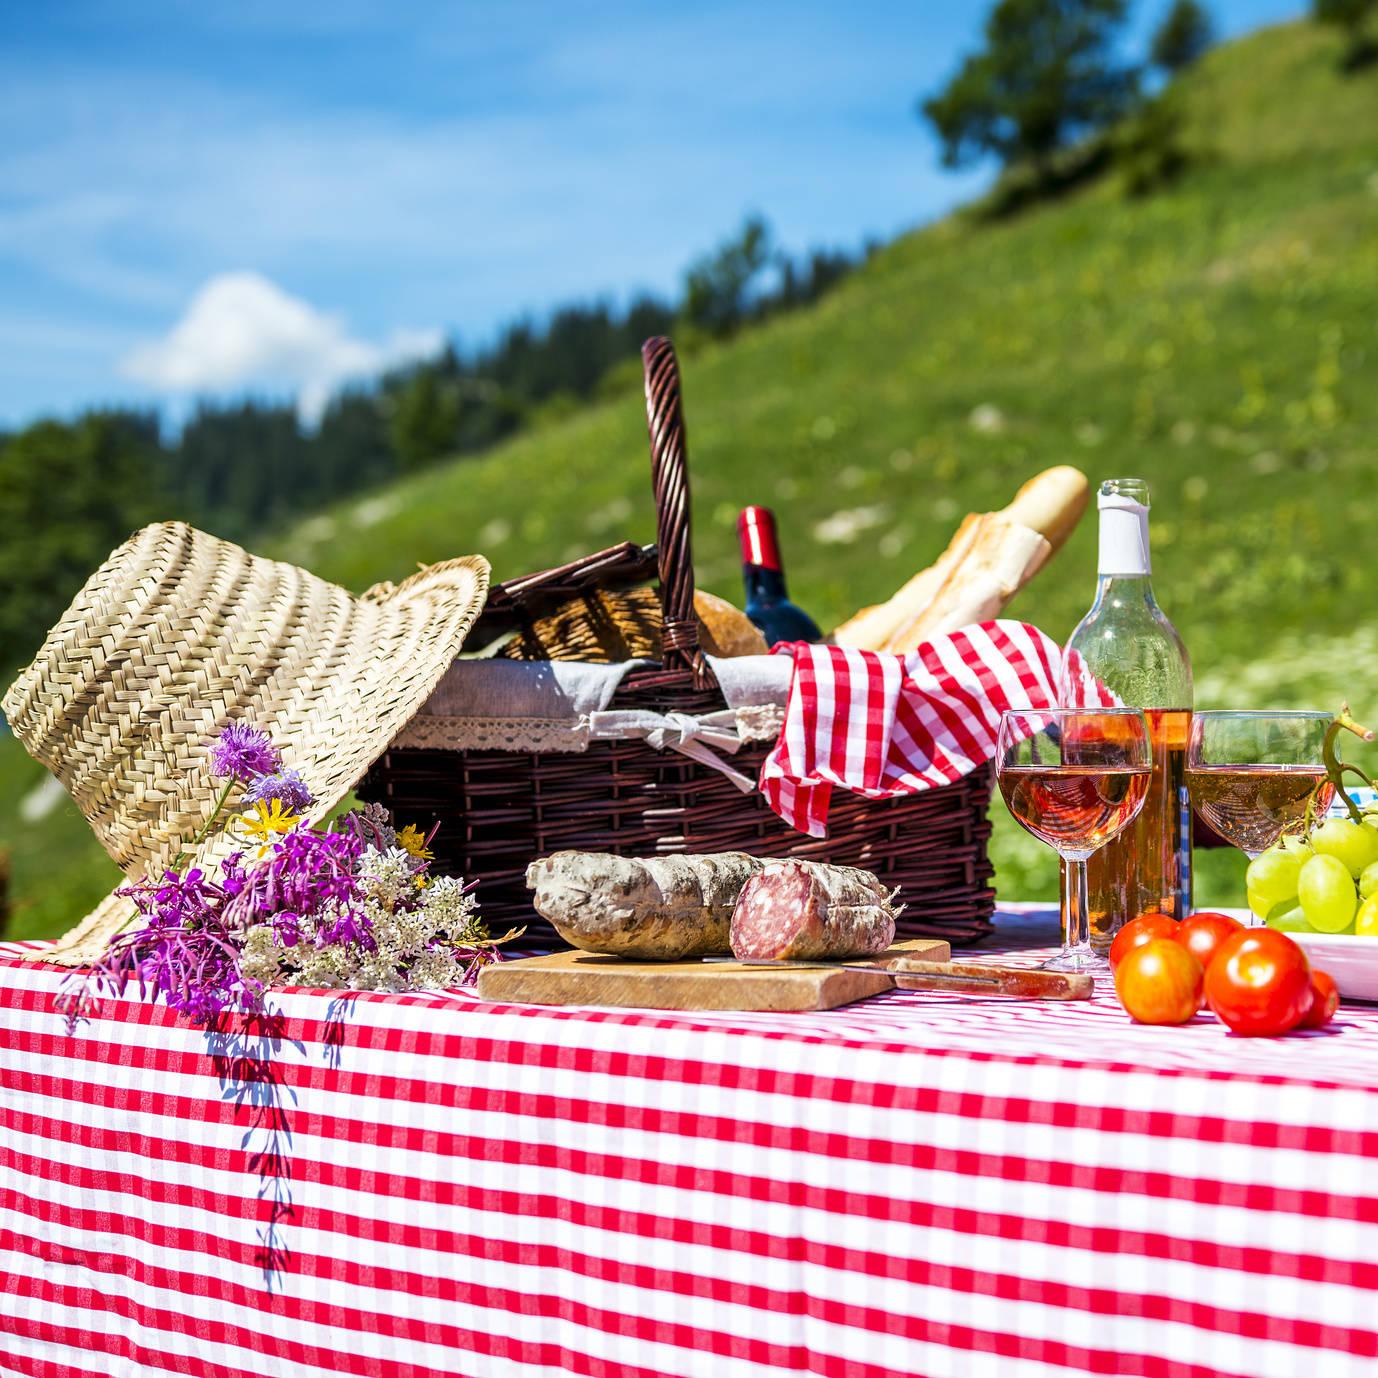 Przekąski na garden party - jak przygotować letnie przyjęcie w ogrodzie?